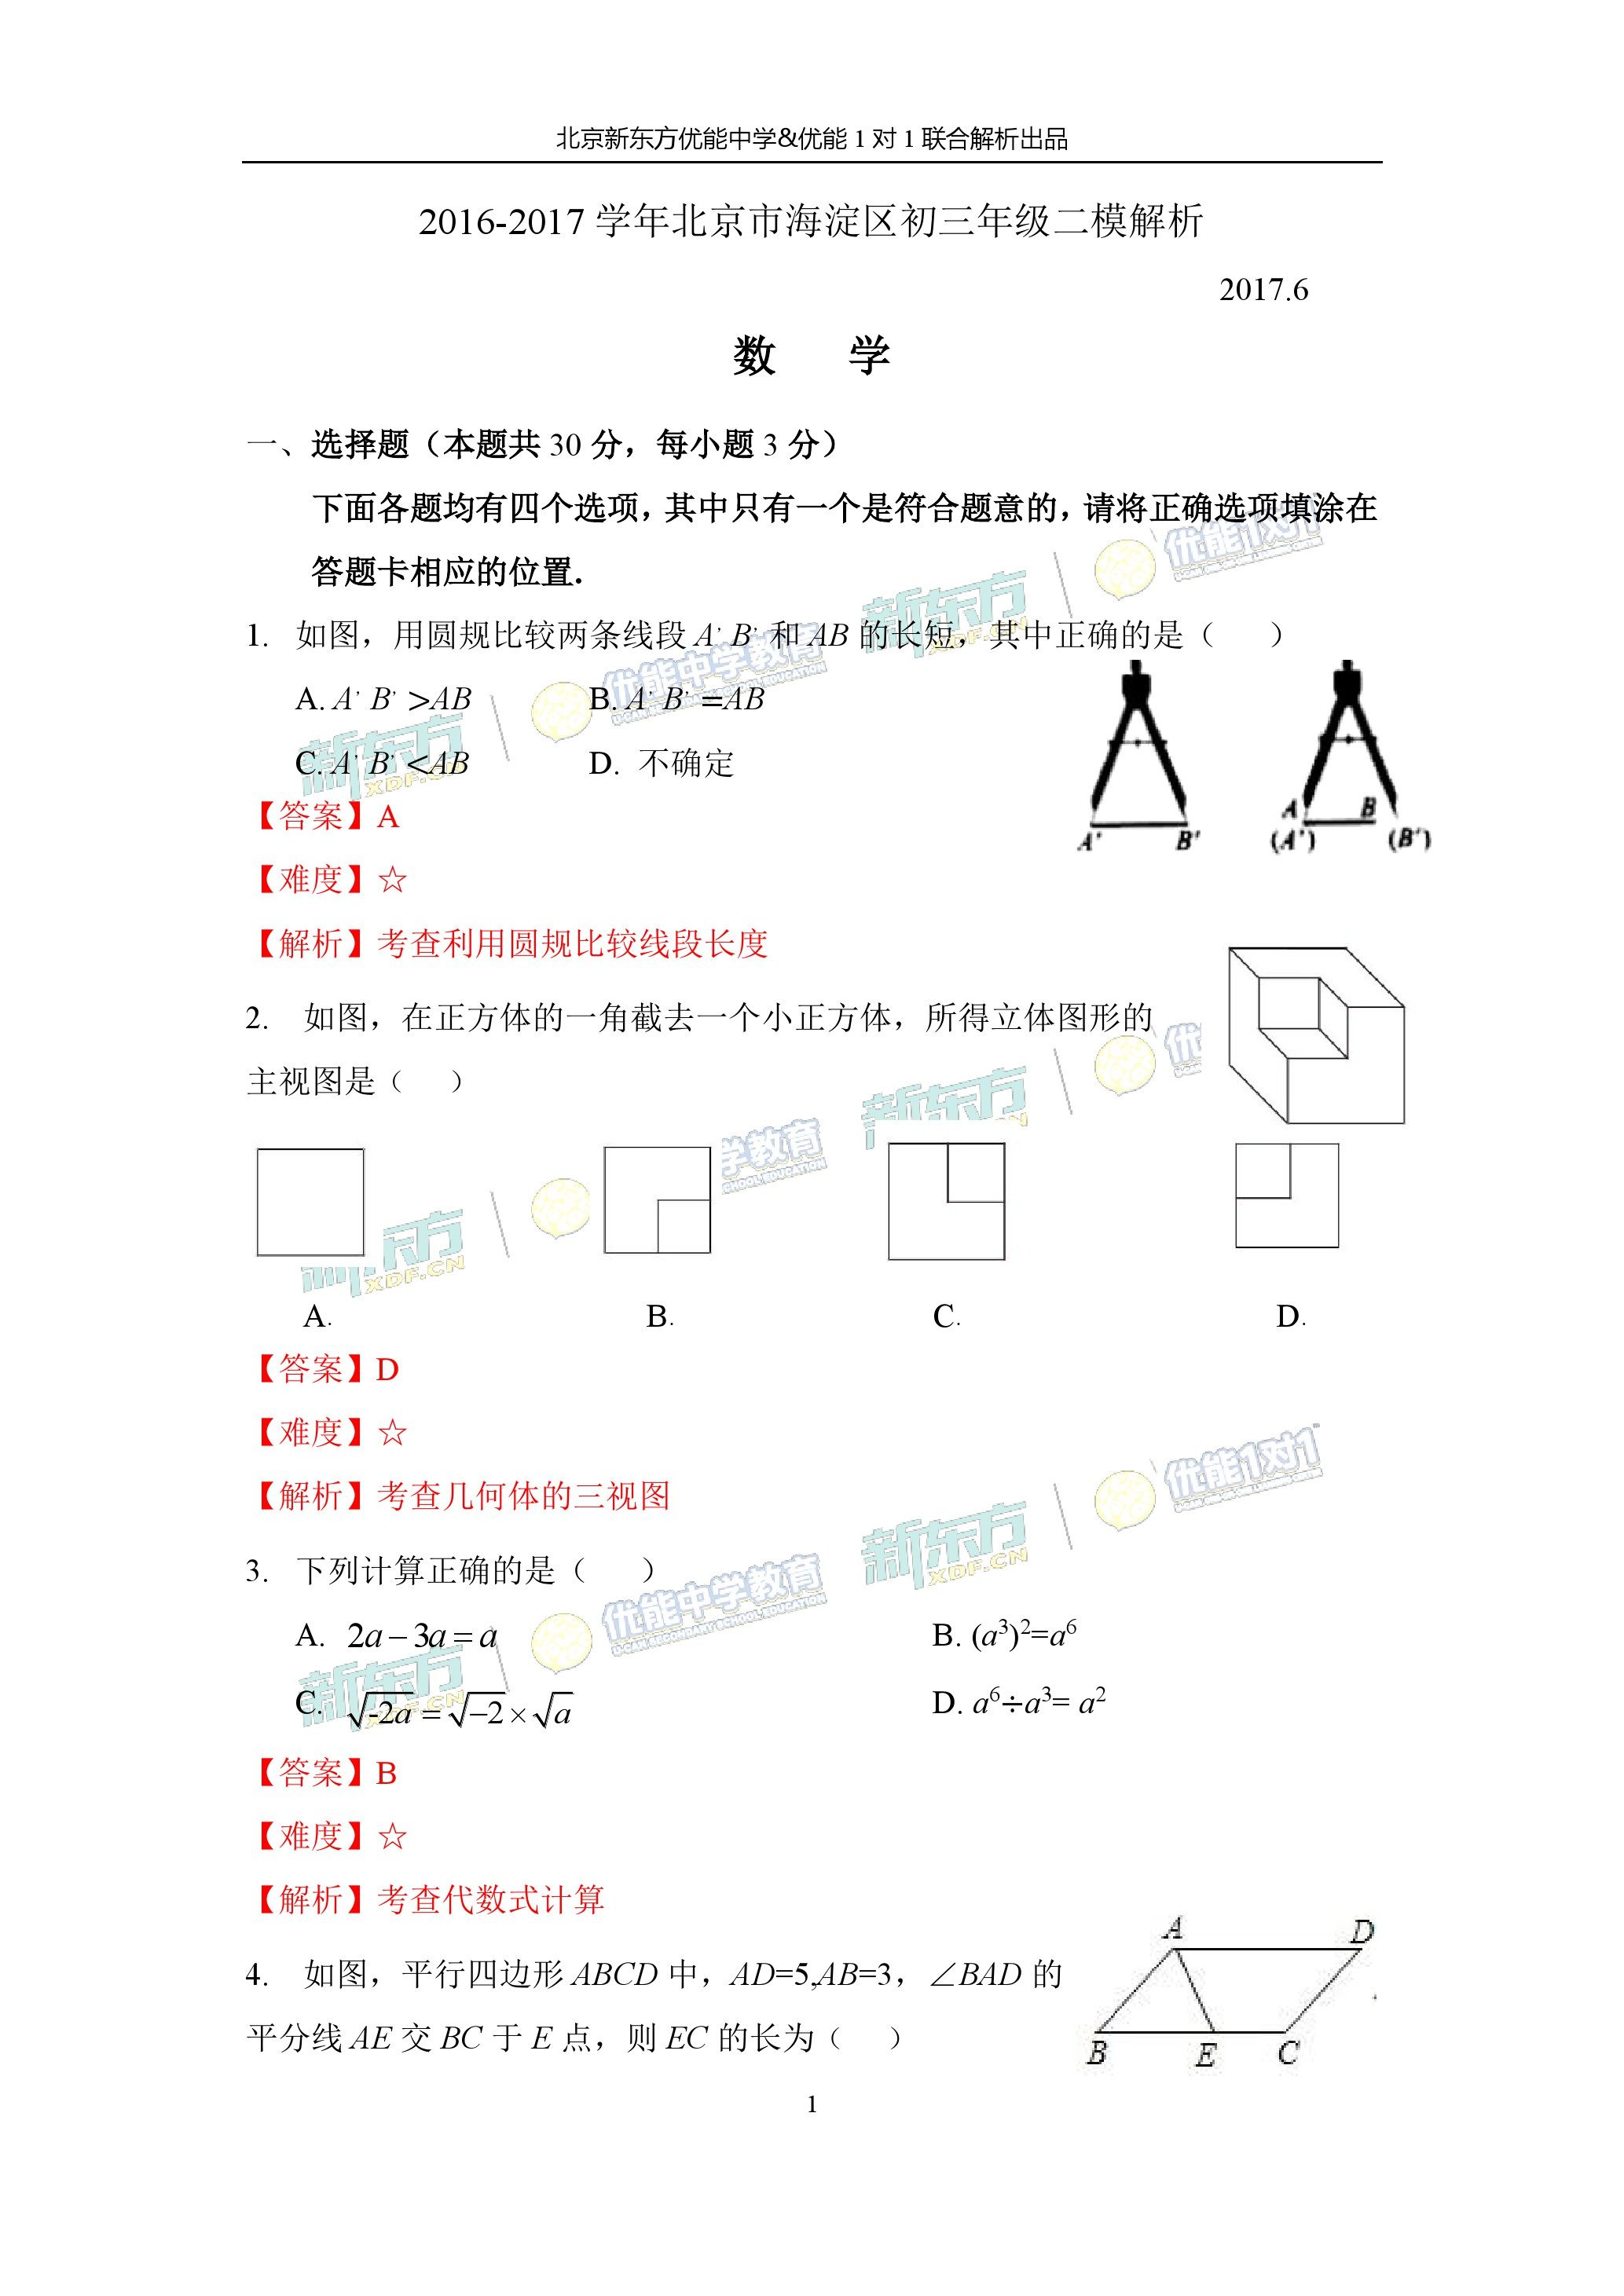 新东方优能名师逐题解析2017海淀区初三二模数学答案(图片版)